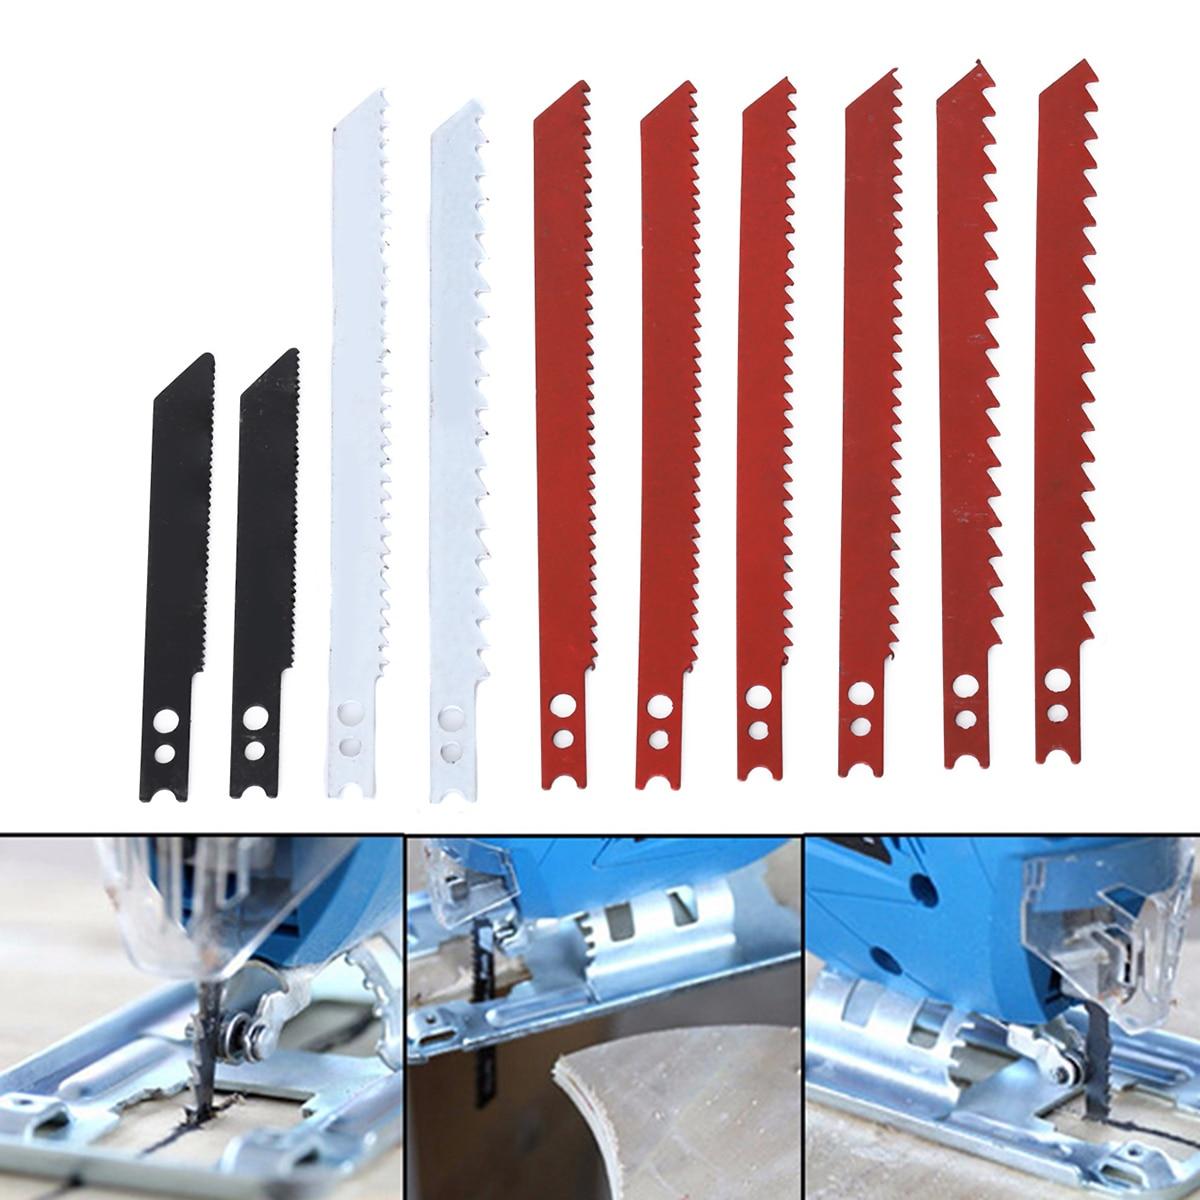 10pcs Oil Saw Blade Jigsaw Blades Set For Jig Saw Metal Plastic Wood Blades Wood PVC Plastic Aluminum Sheet Metals Cutting Tools